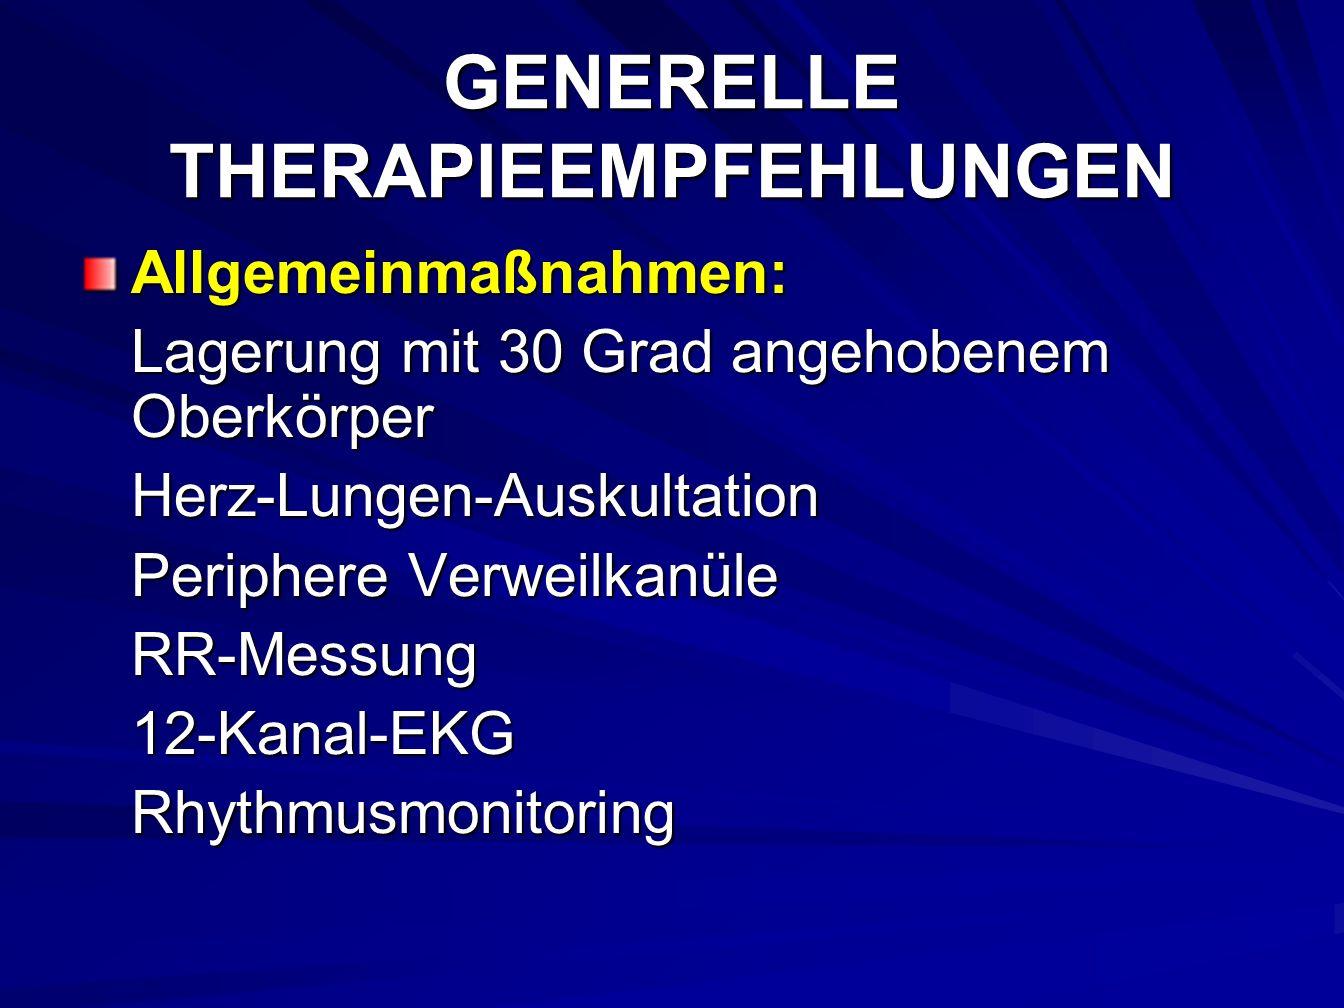 GENERELLE THERAPIEEMPFEHLUNGEN